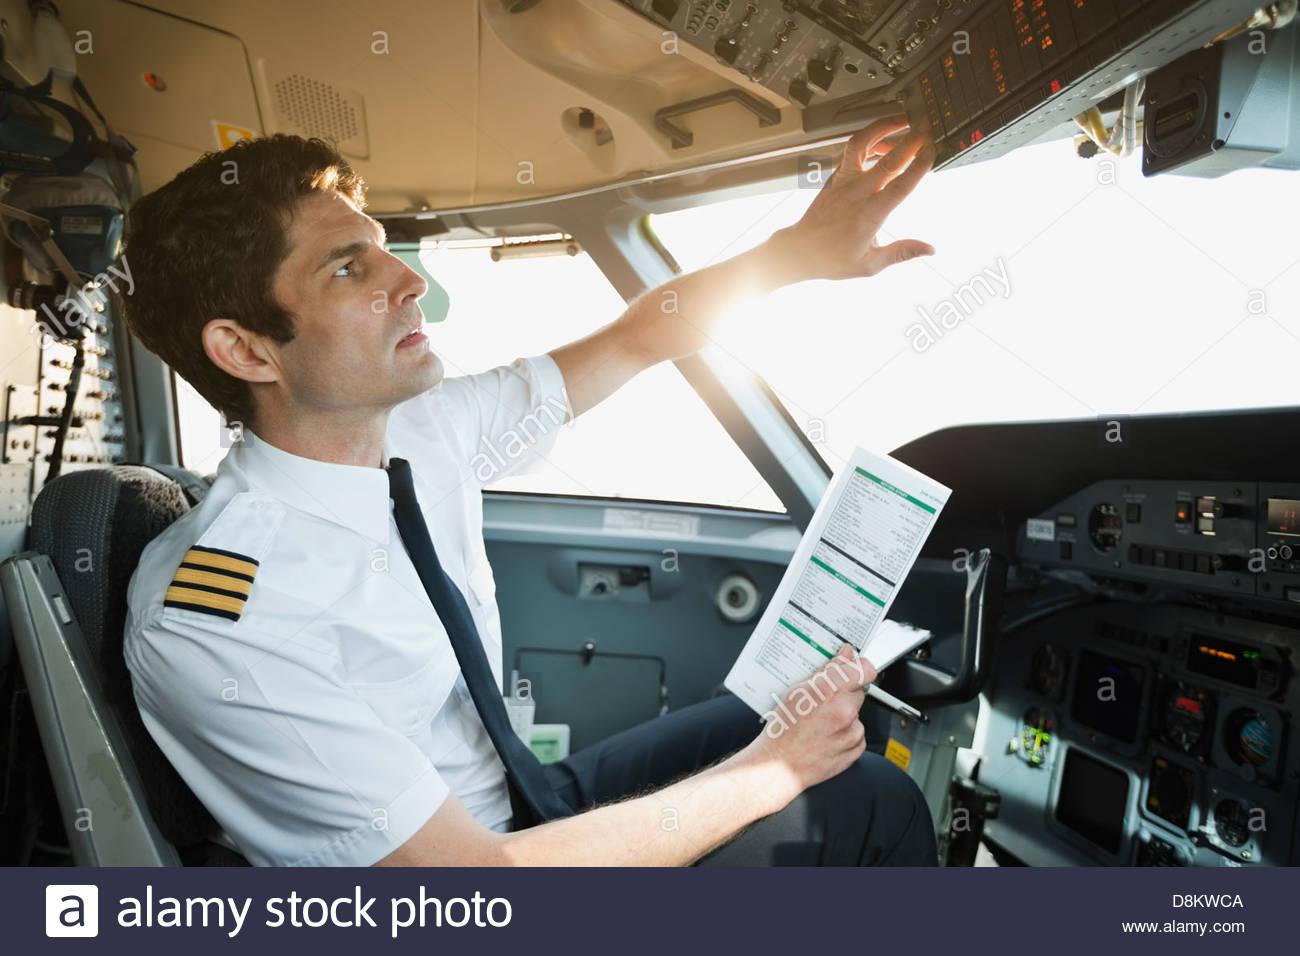 Maschio di controllo pilota sul pannello di comando nella cabina di pilotaggio aereo Immagini Stock